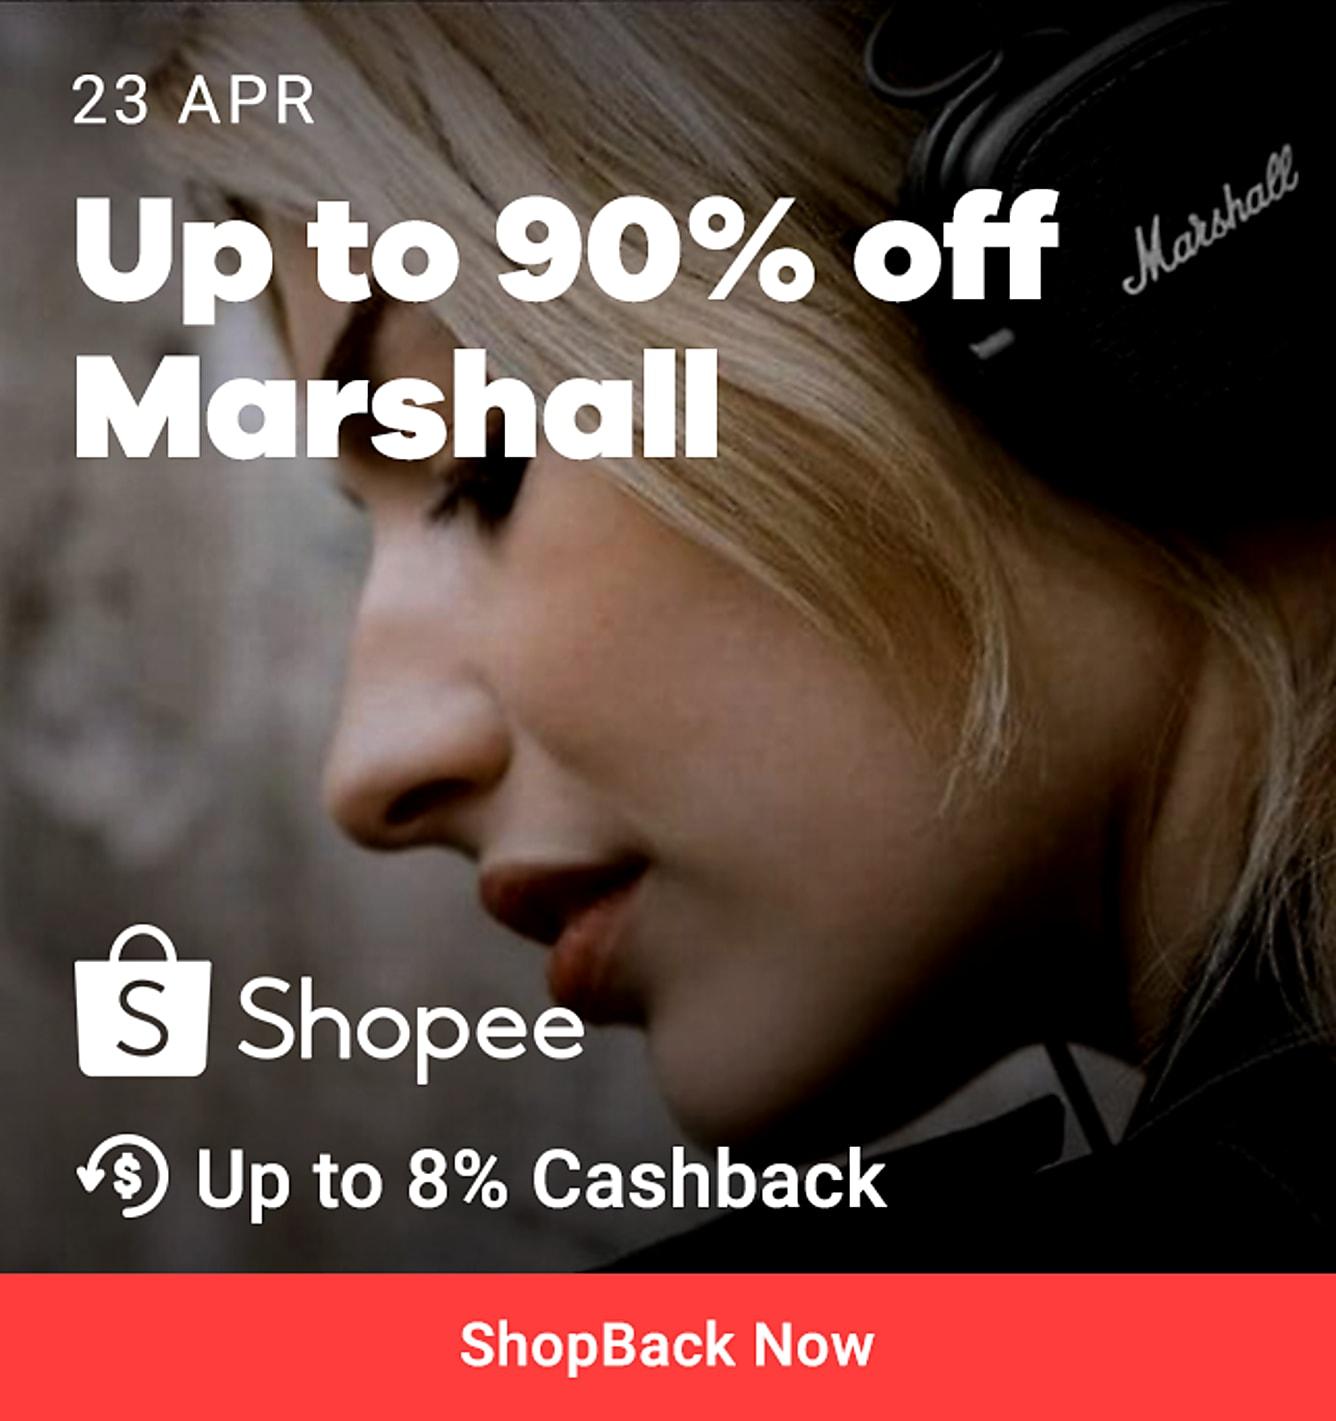 90% off marshal 8% cashback